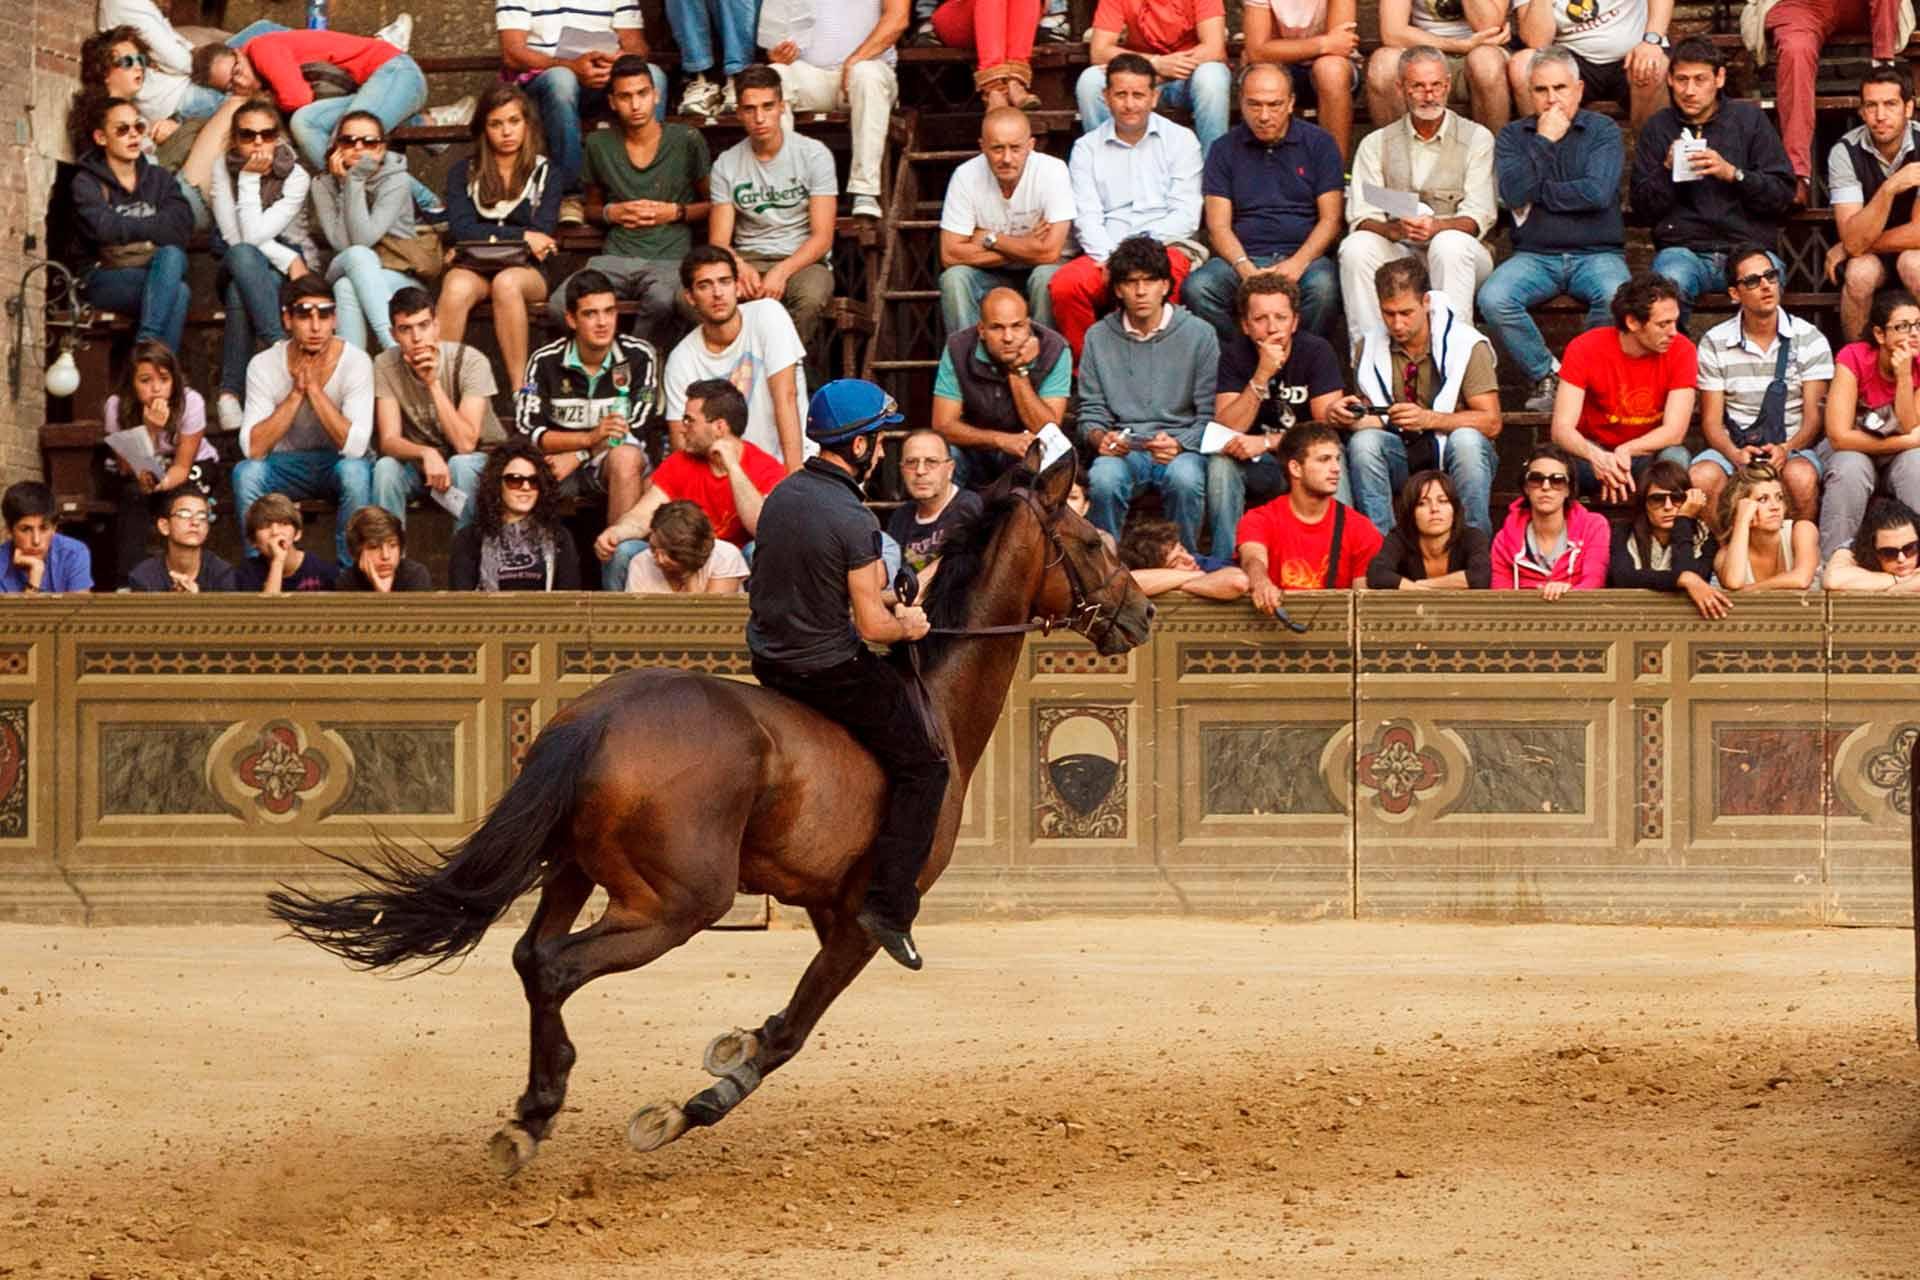 LE CORSE DI NOTTE - La ?Prova di Notte? ? la prima opportunit?, offerta ai cavalli, per provare il terreno di gara dove soltanto dieci di loro si confronteranno nel giorno del Palio.